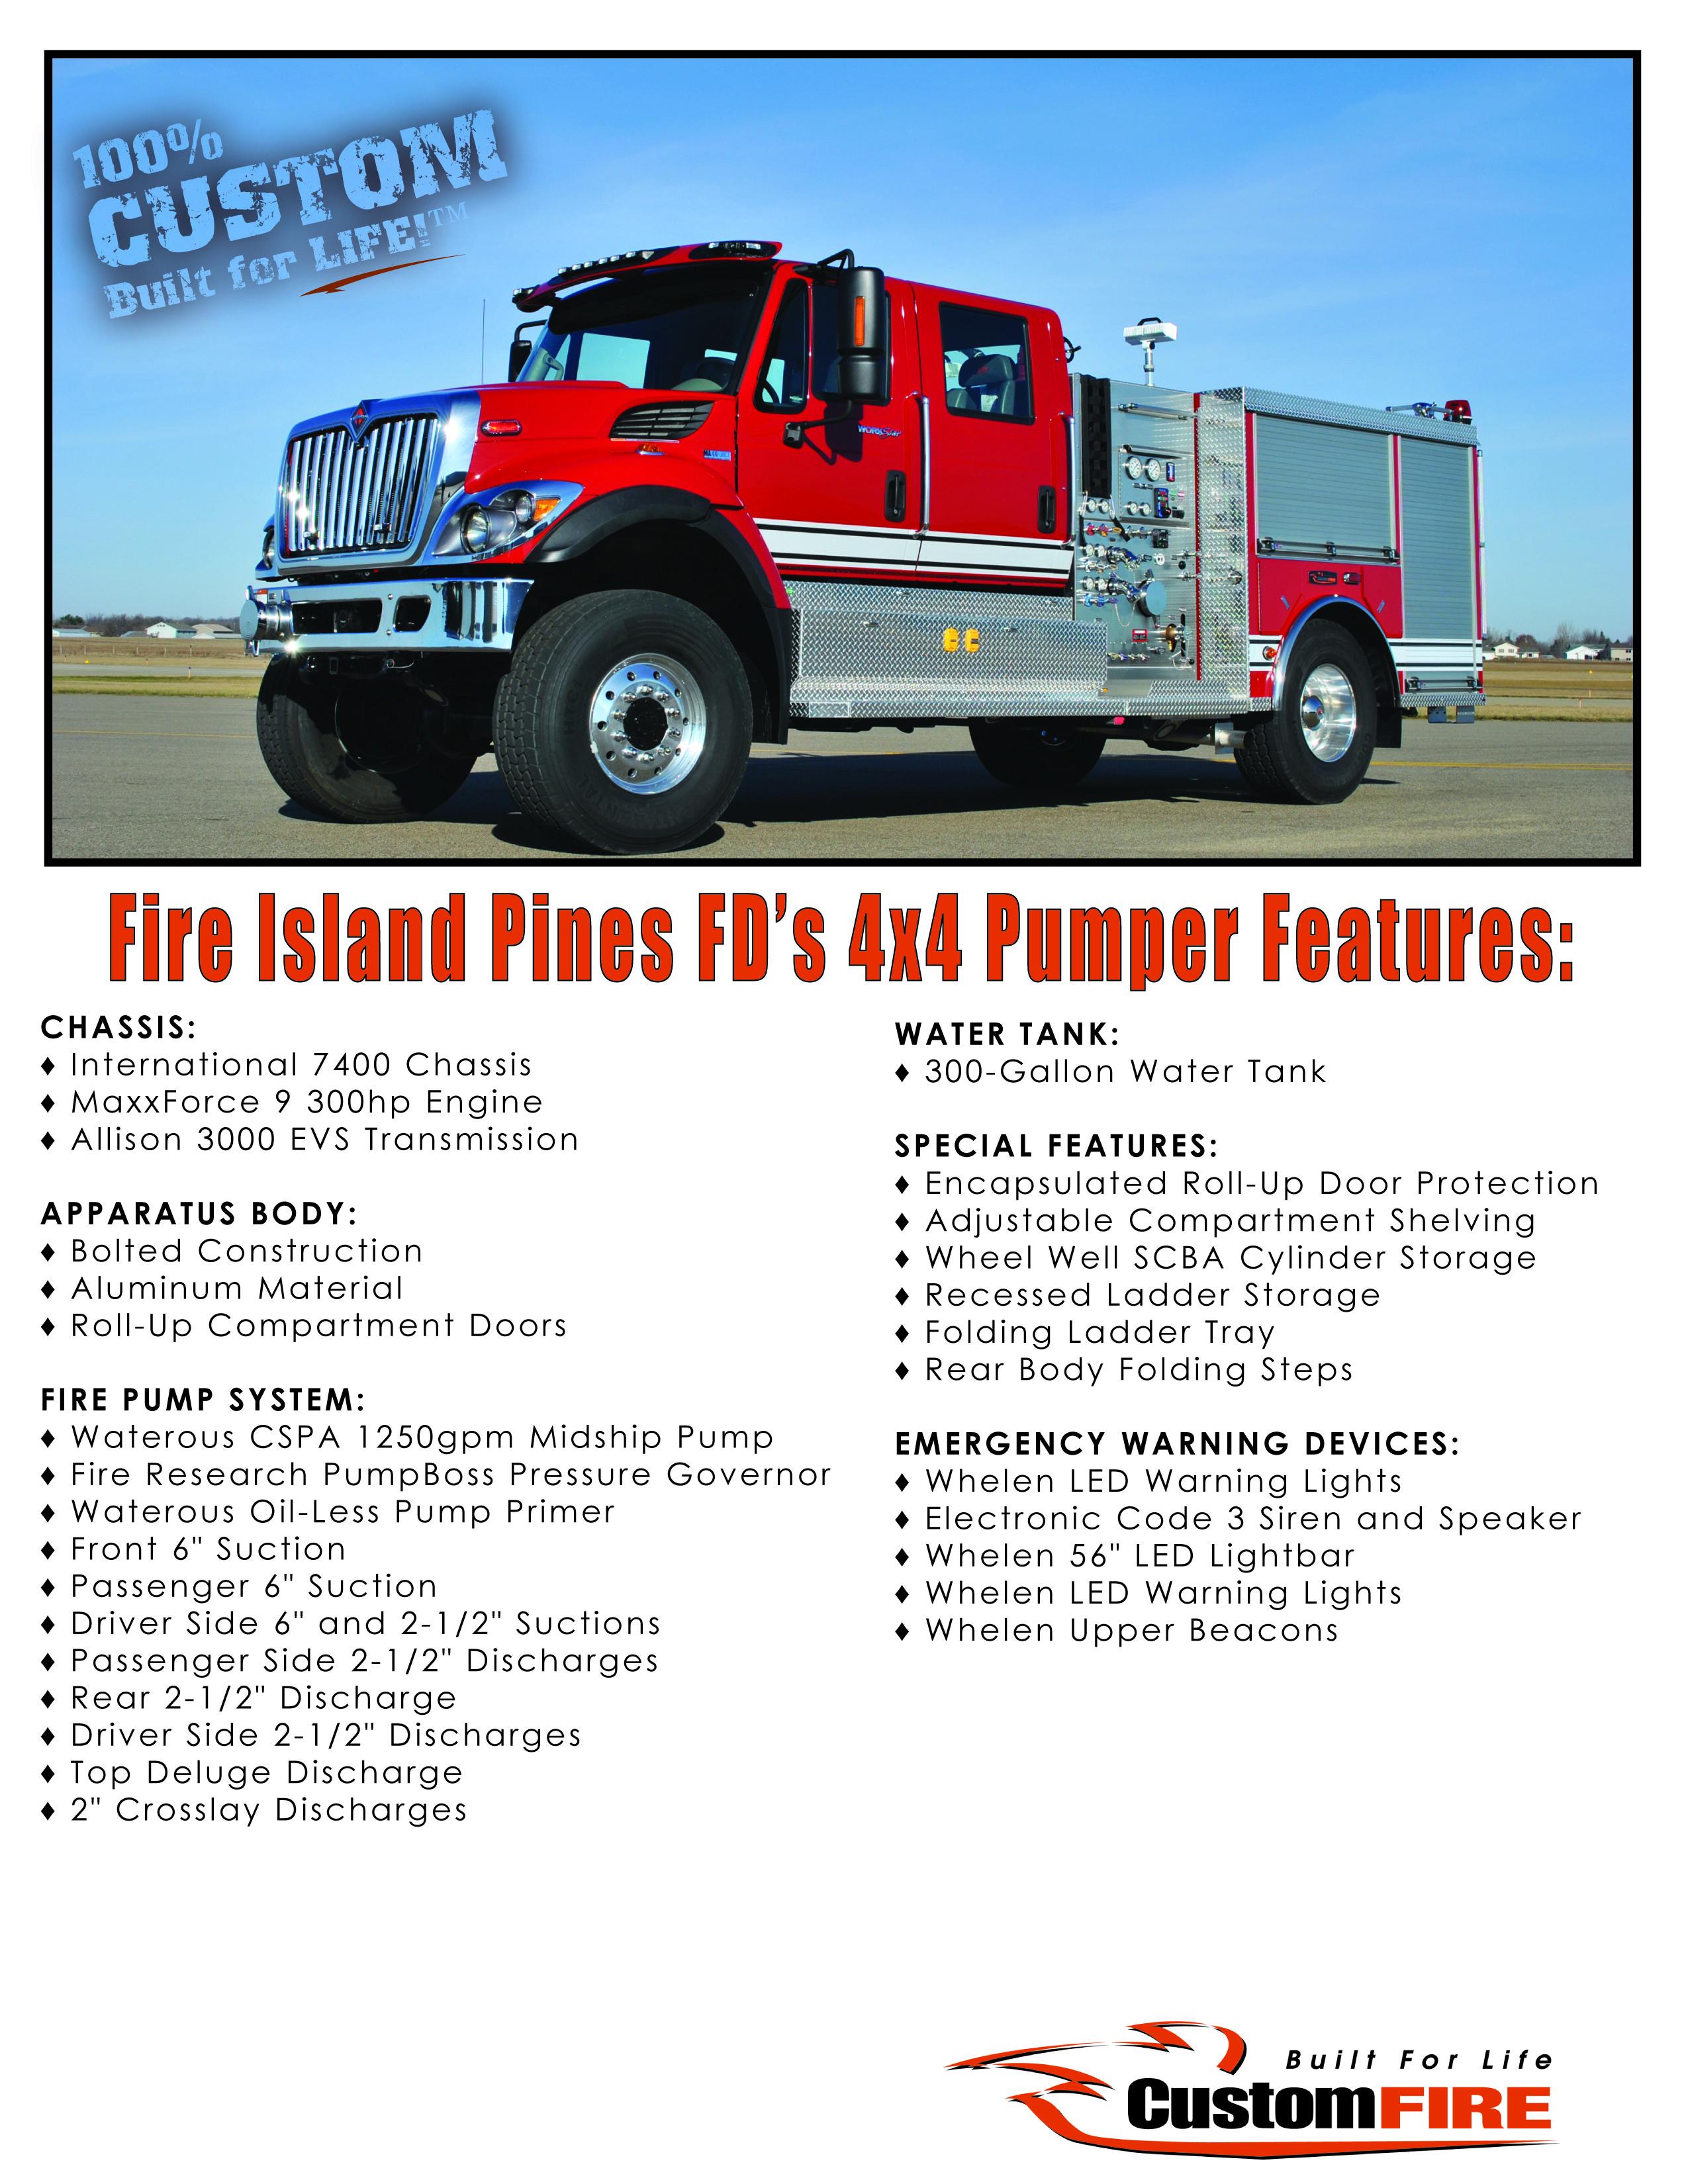 Fire Island Pines NY Vital Stats